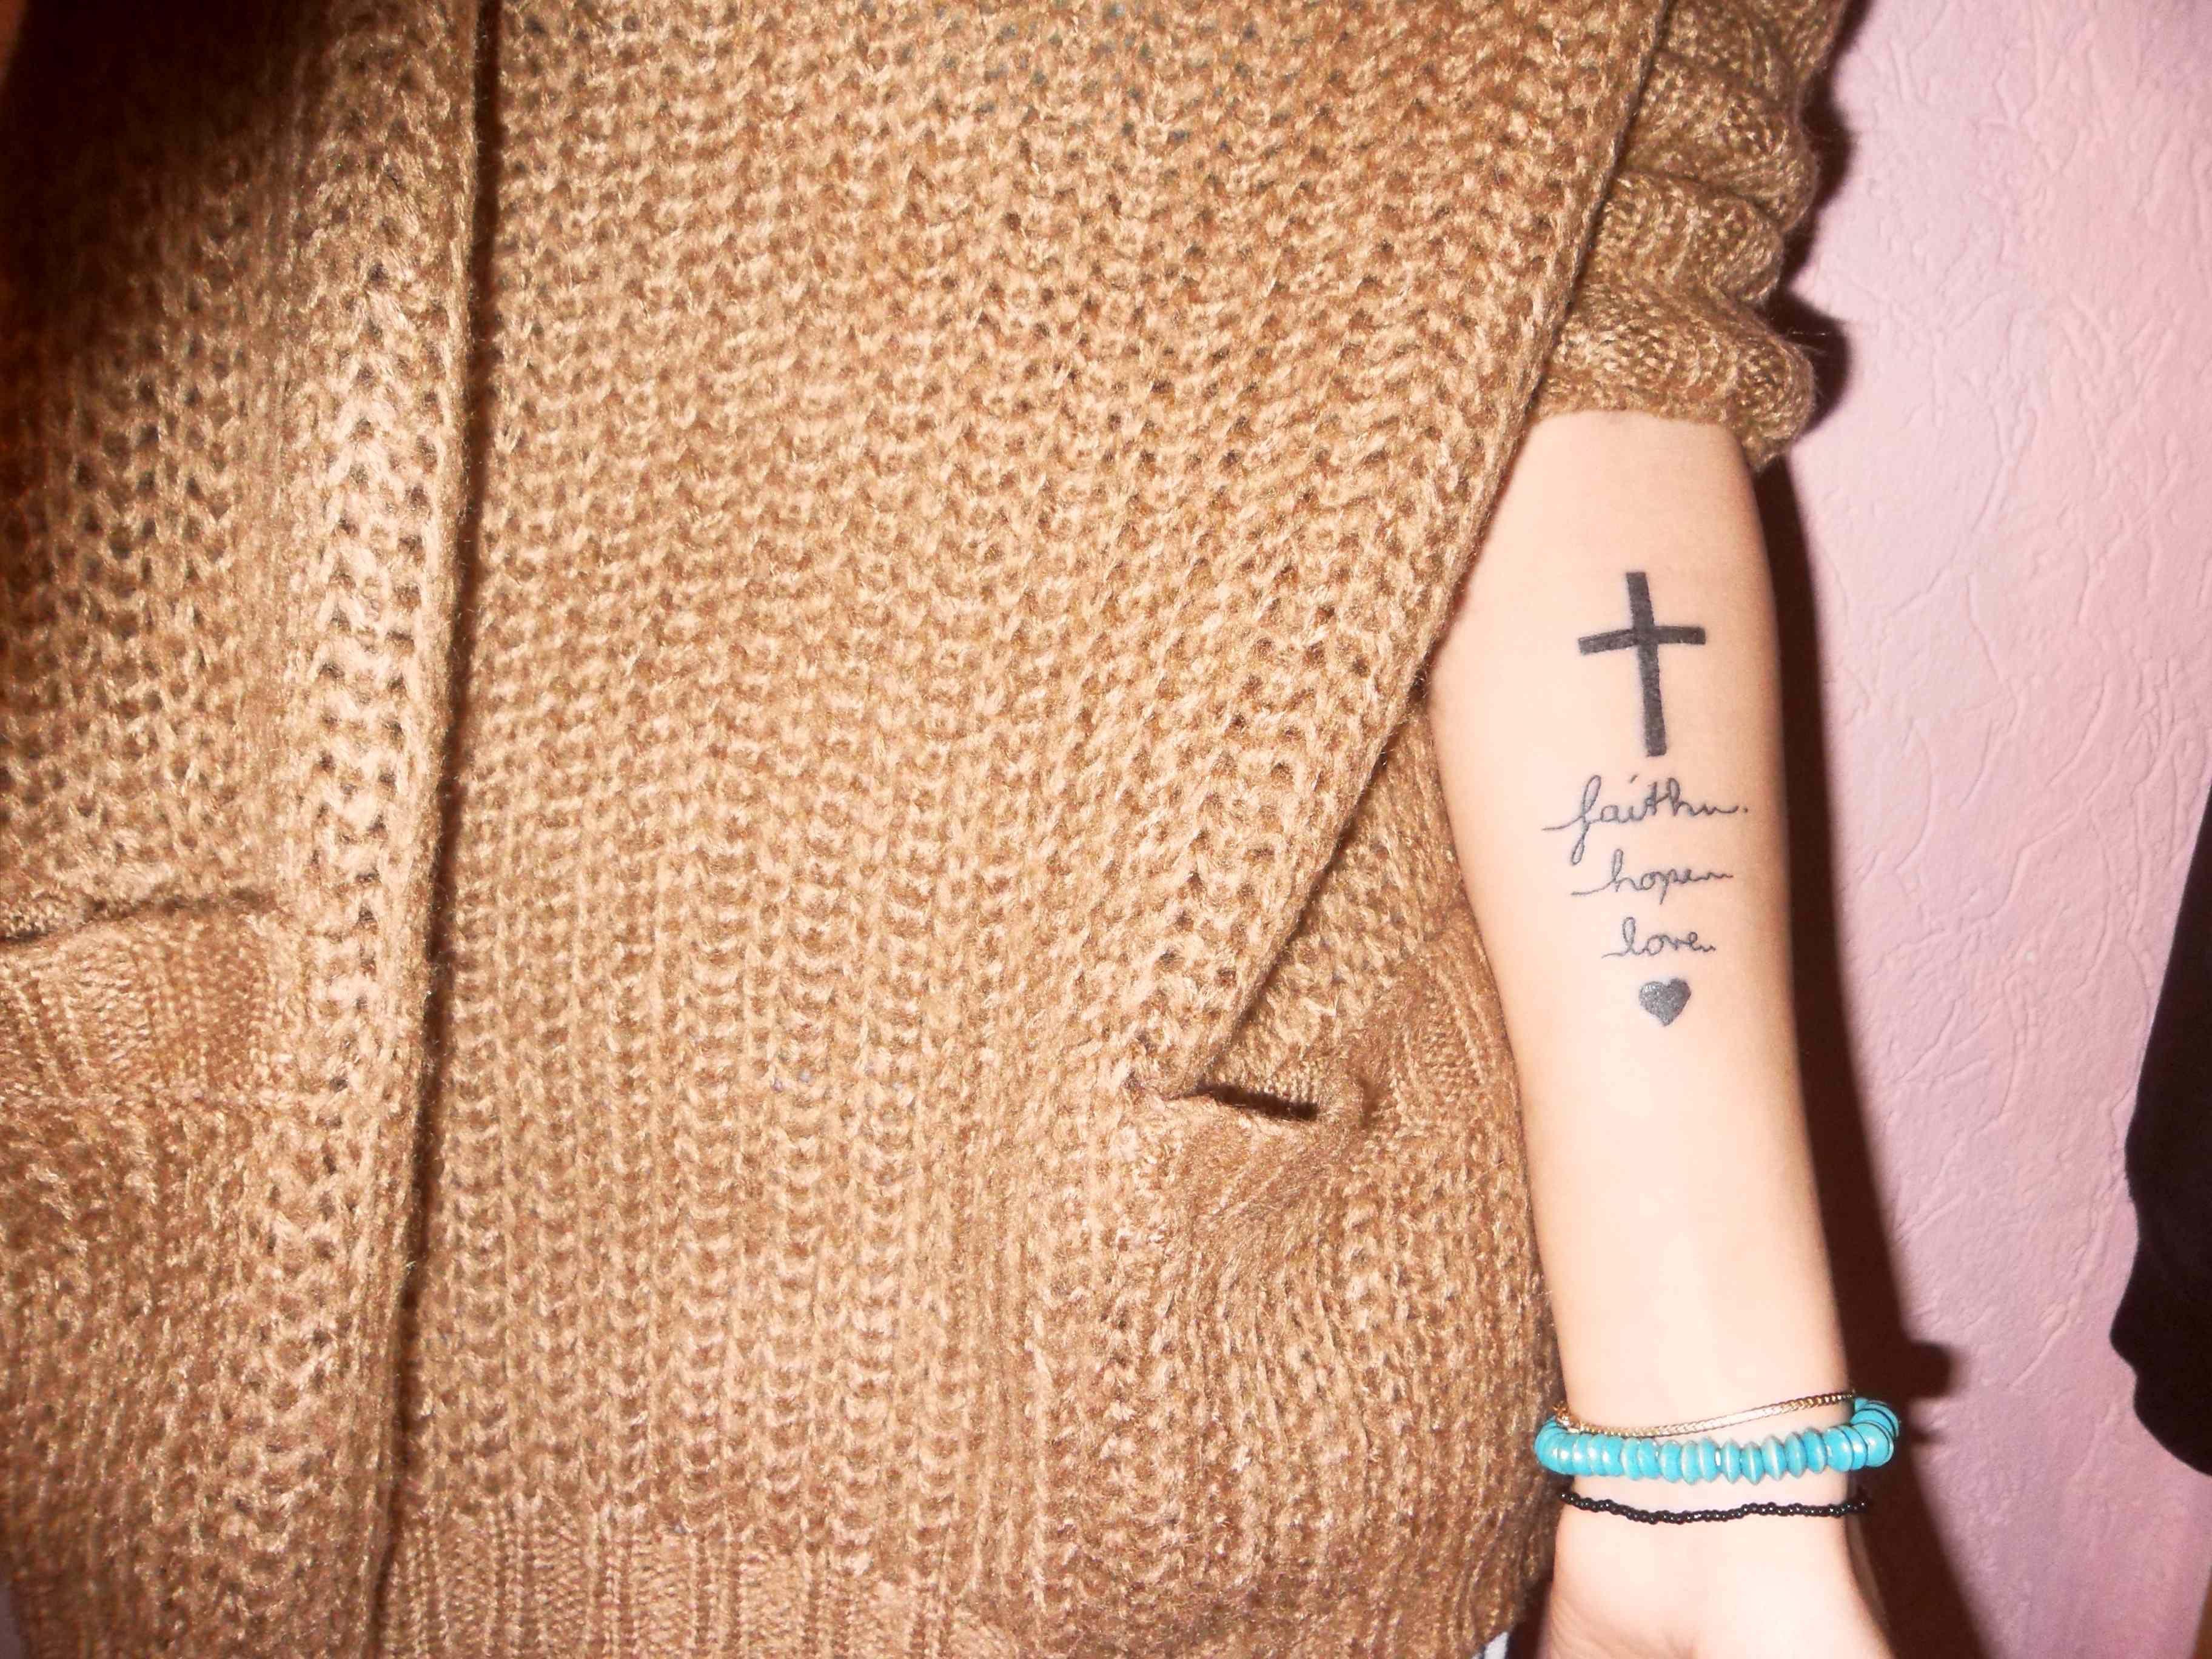 Faith hope and love tattoo tattos pinterest for Faith love tattoo